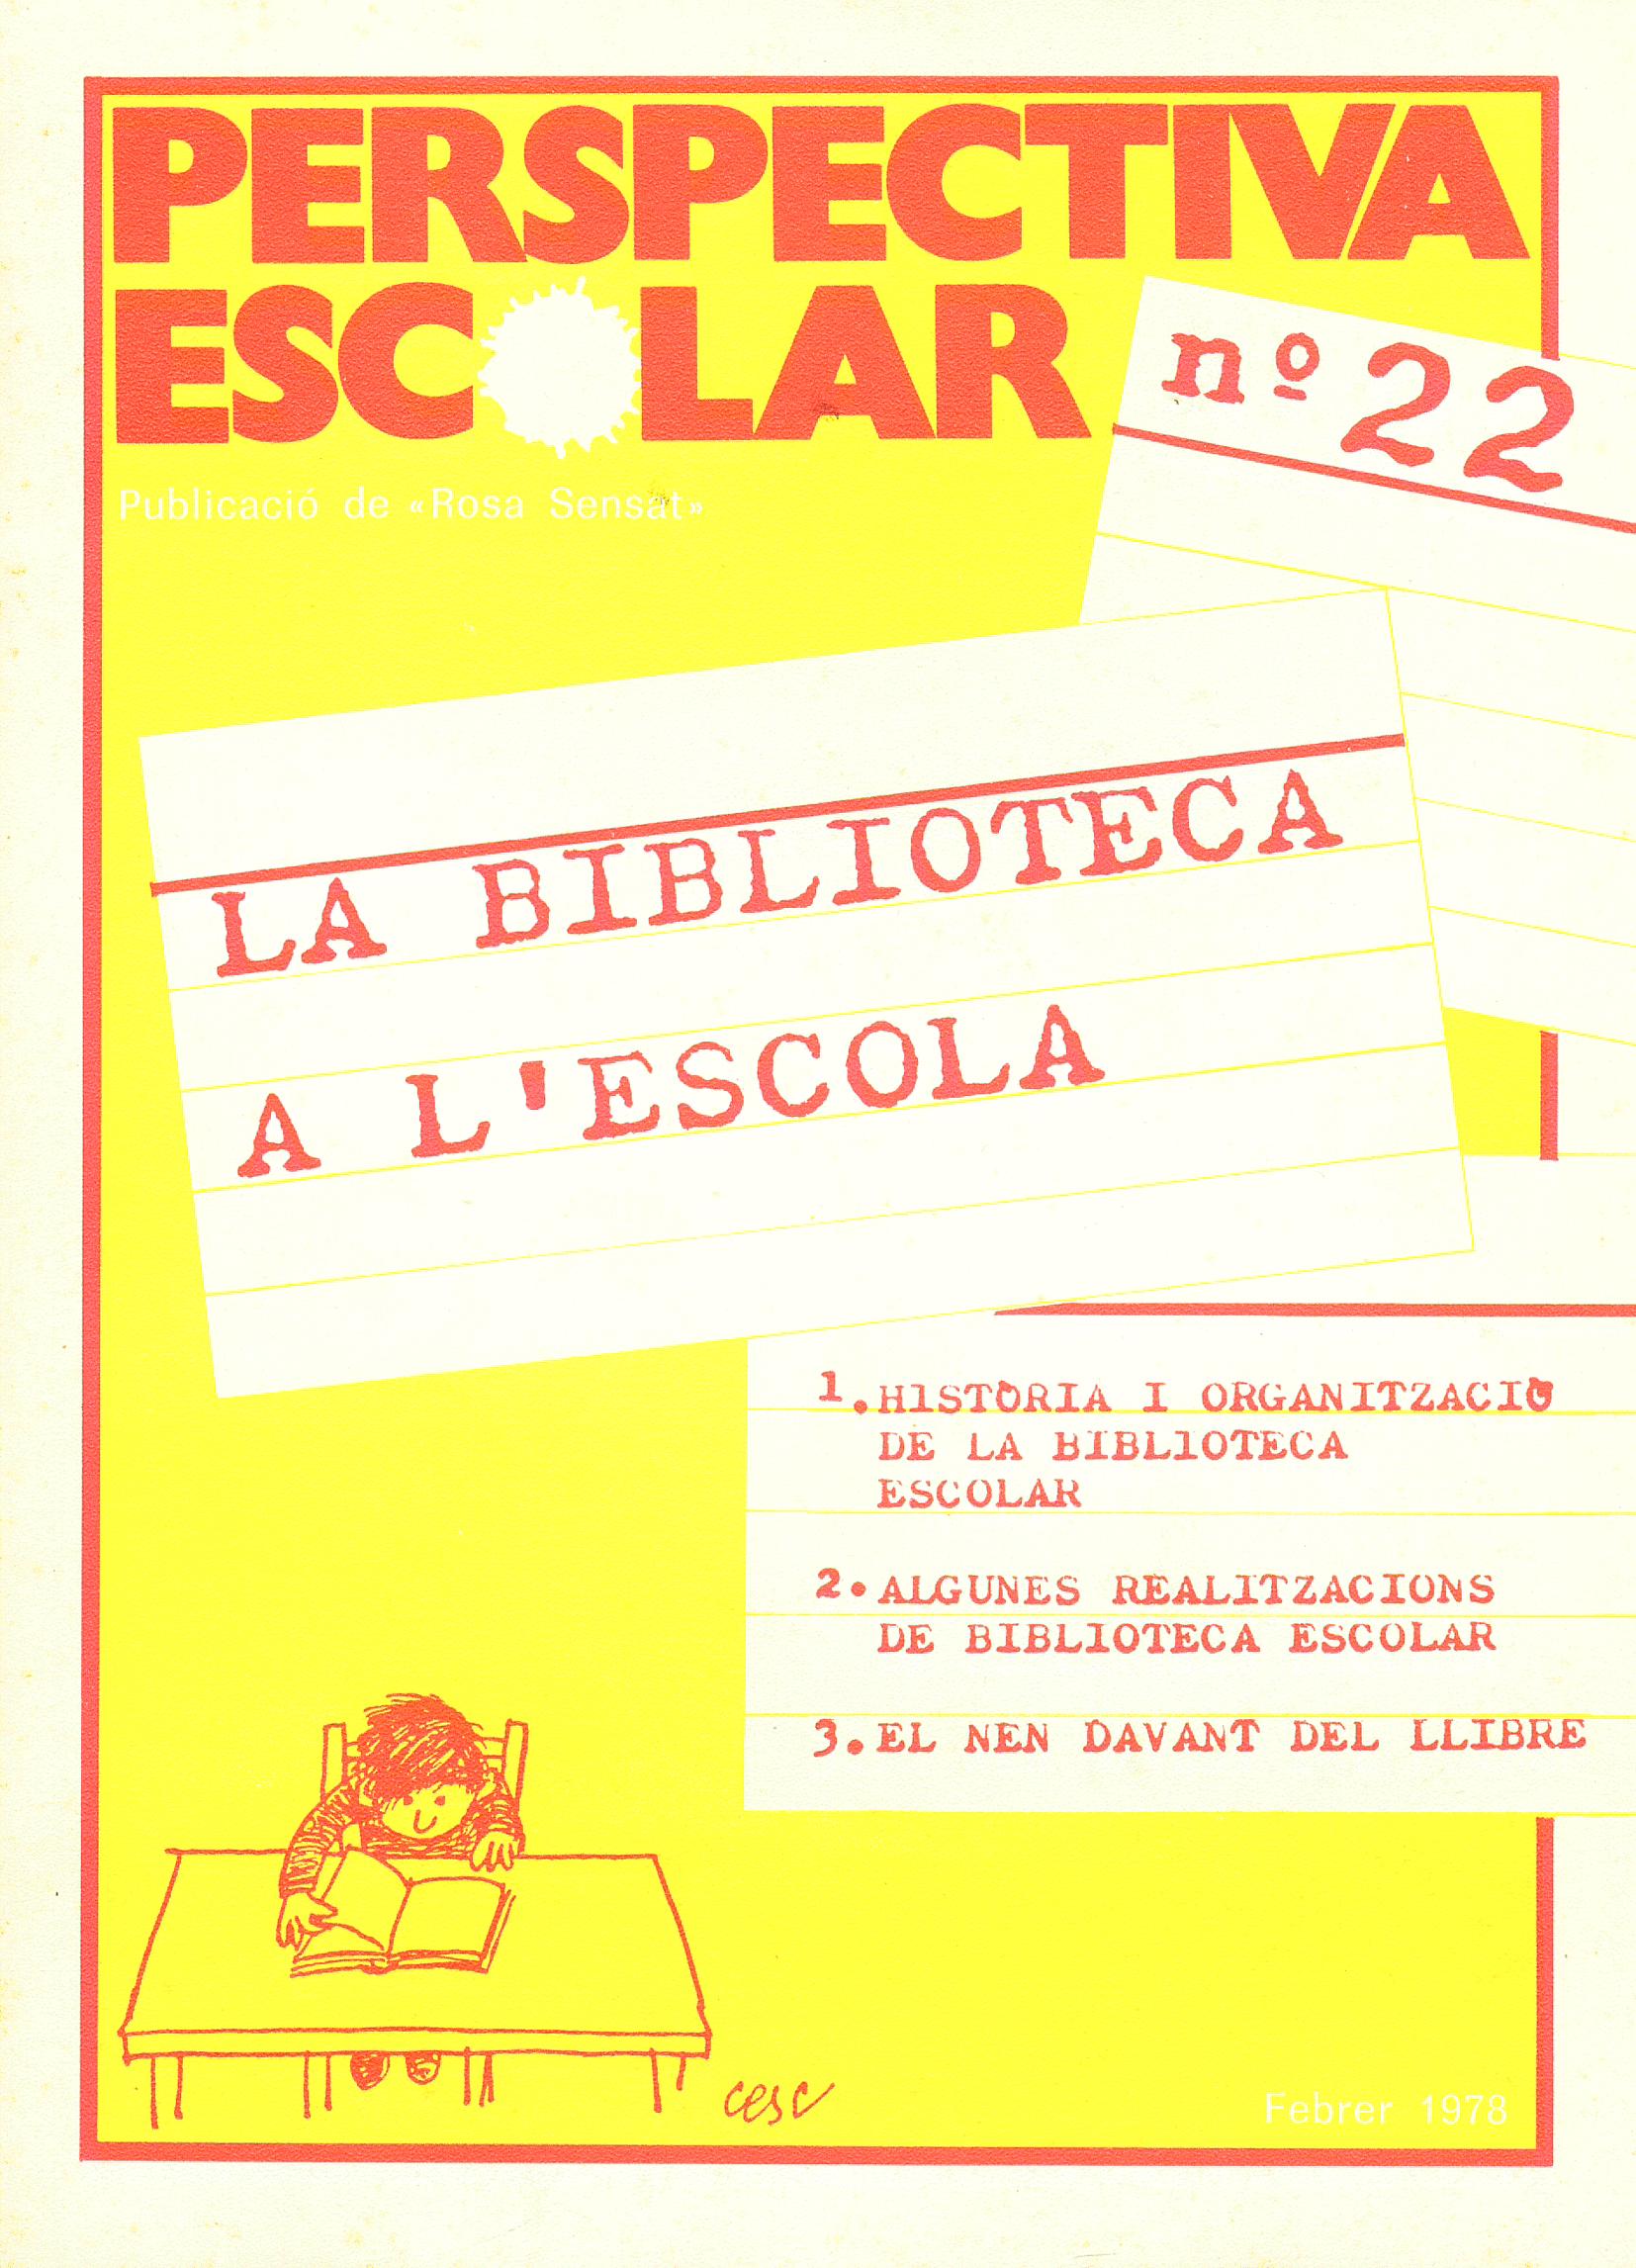 La biblioteca a l'escola Núm. 22